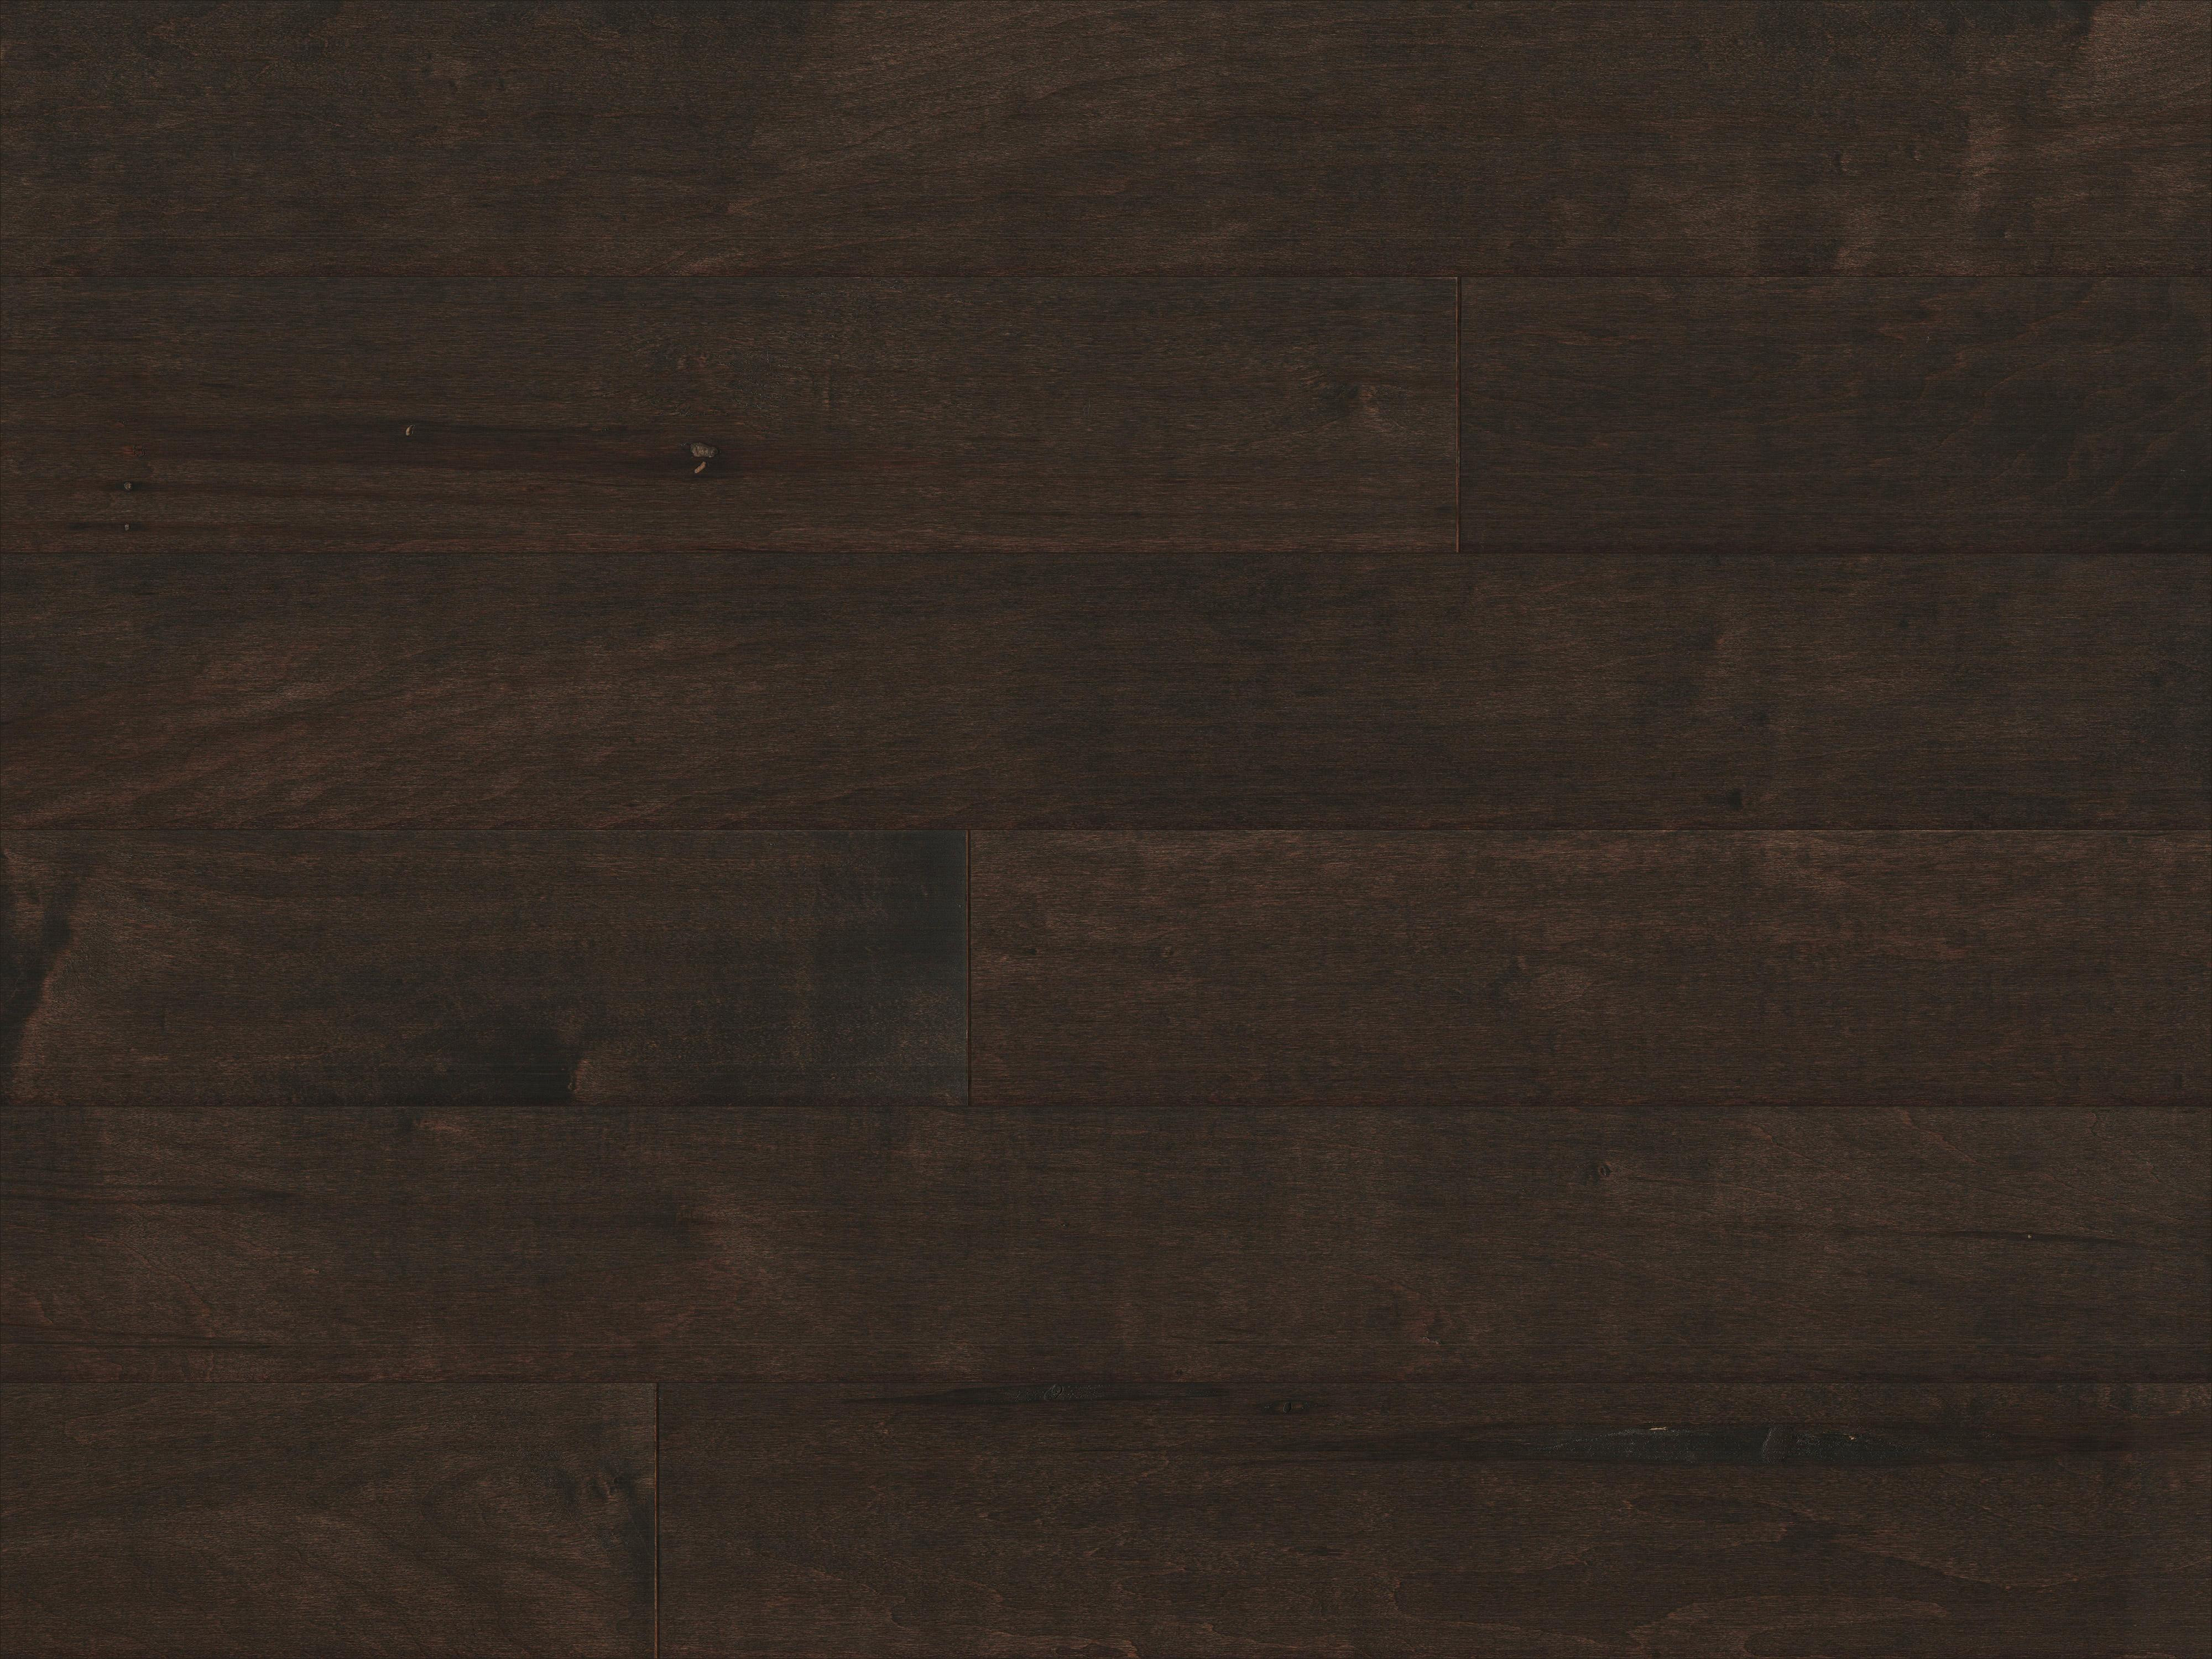 waterproof hardwood floor sealer of mullican ridgecrest maple cappuccino 1 2 thick 5 wide engineered inside mullican ridgecrest maple cappuccino 1 2 thick 5 wide engineered hardwood flooring